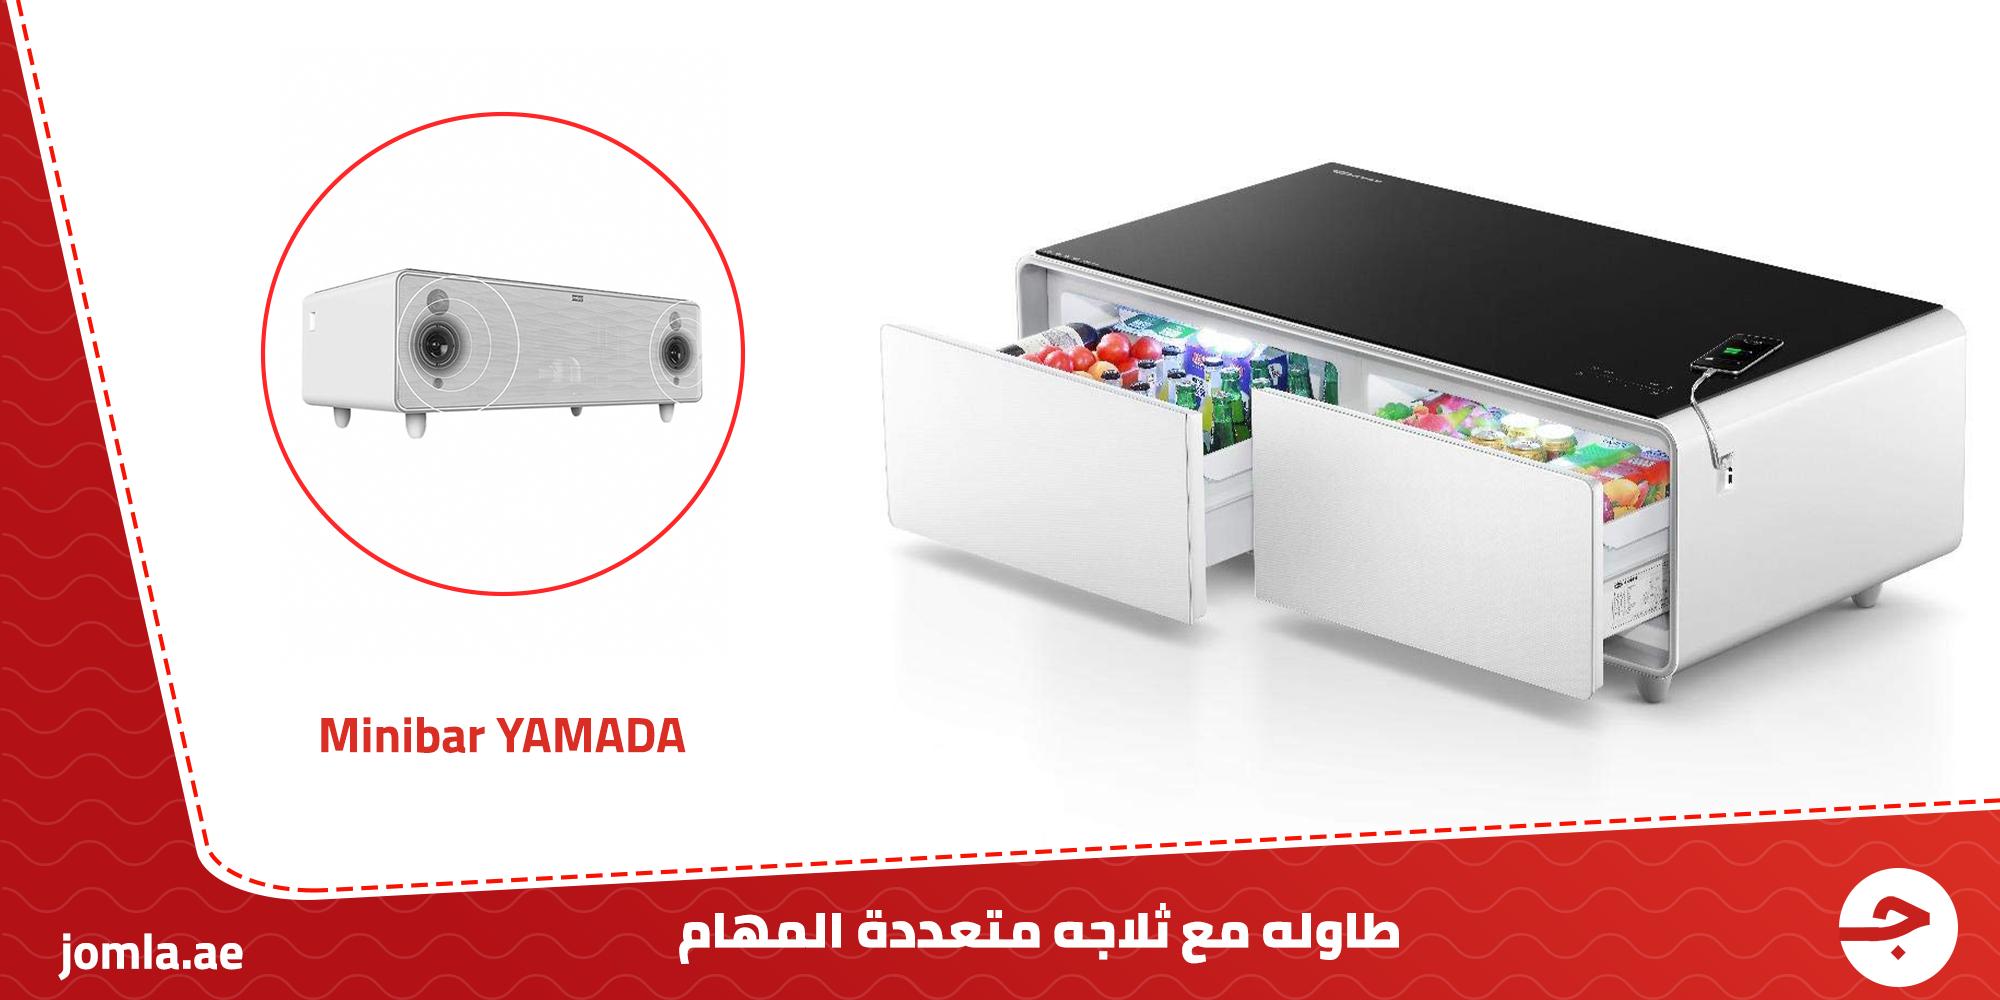 طاوله مع ثلاجه متعددة المهام Minibar YAMADA - تعرف على المميزات